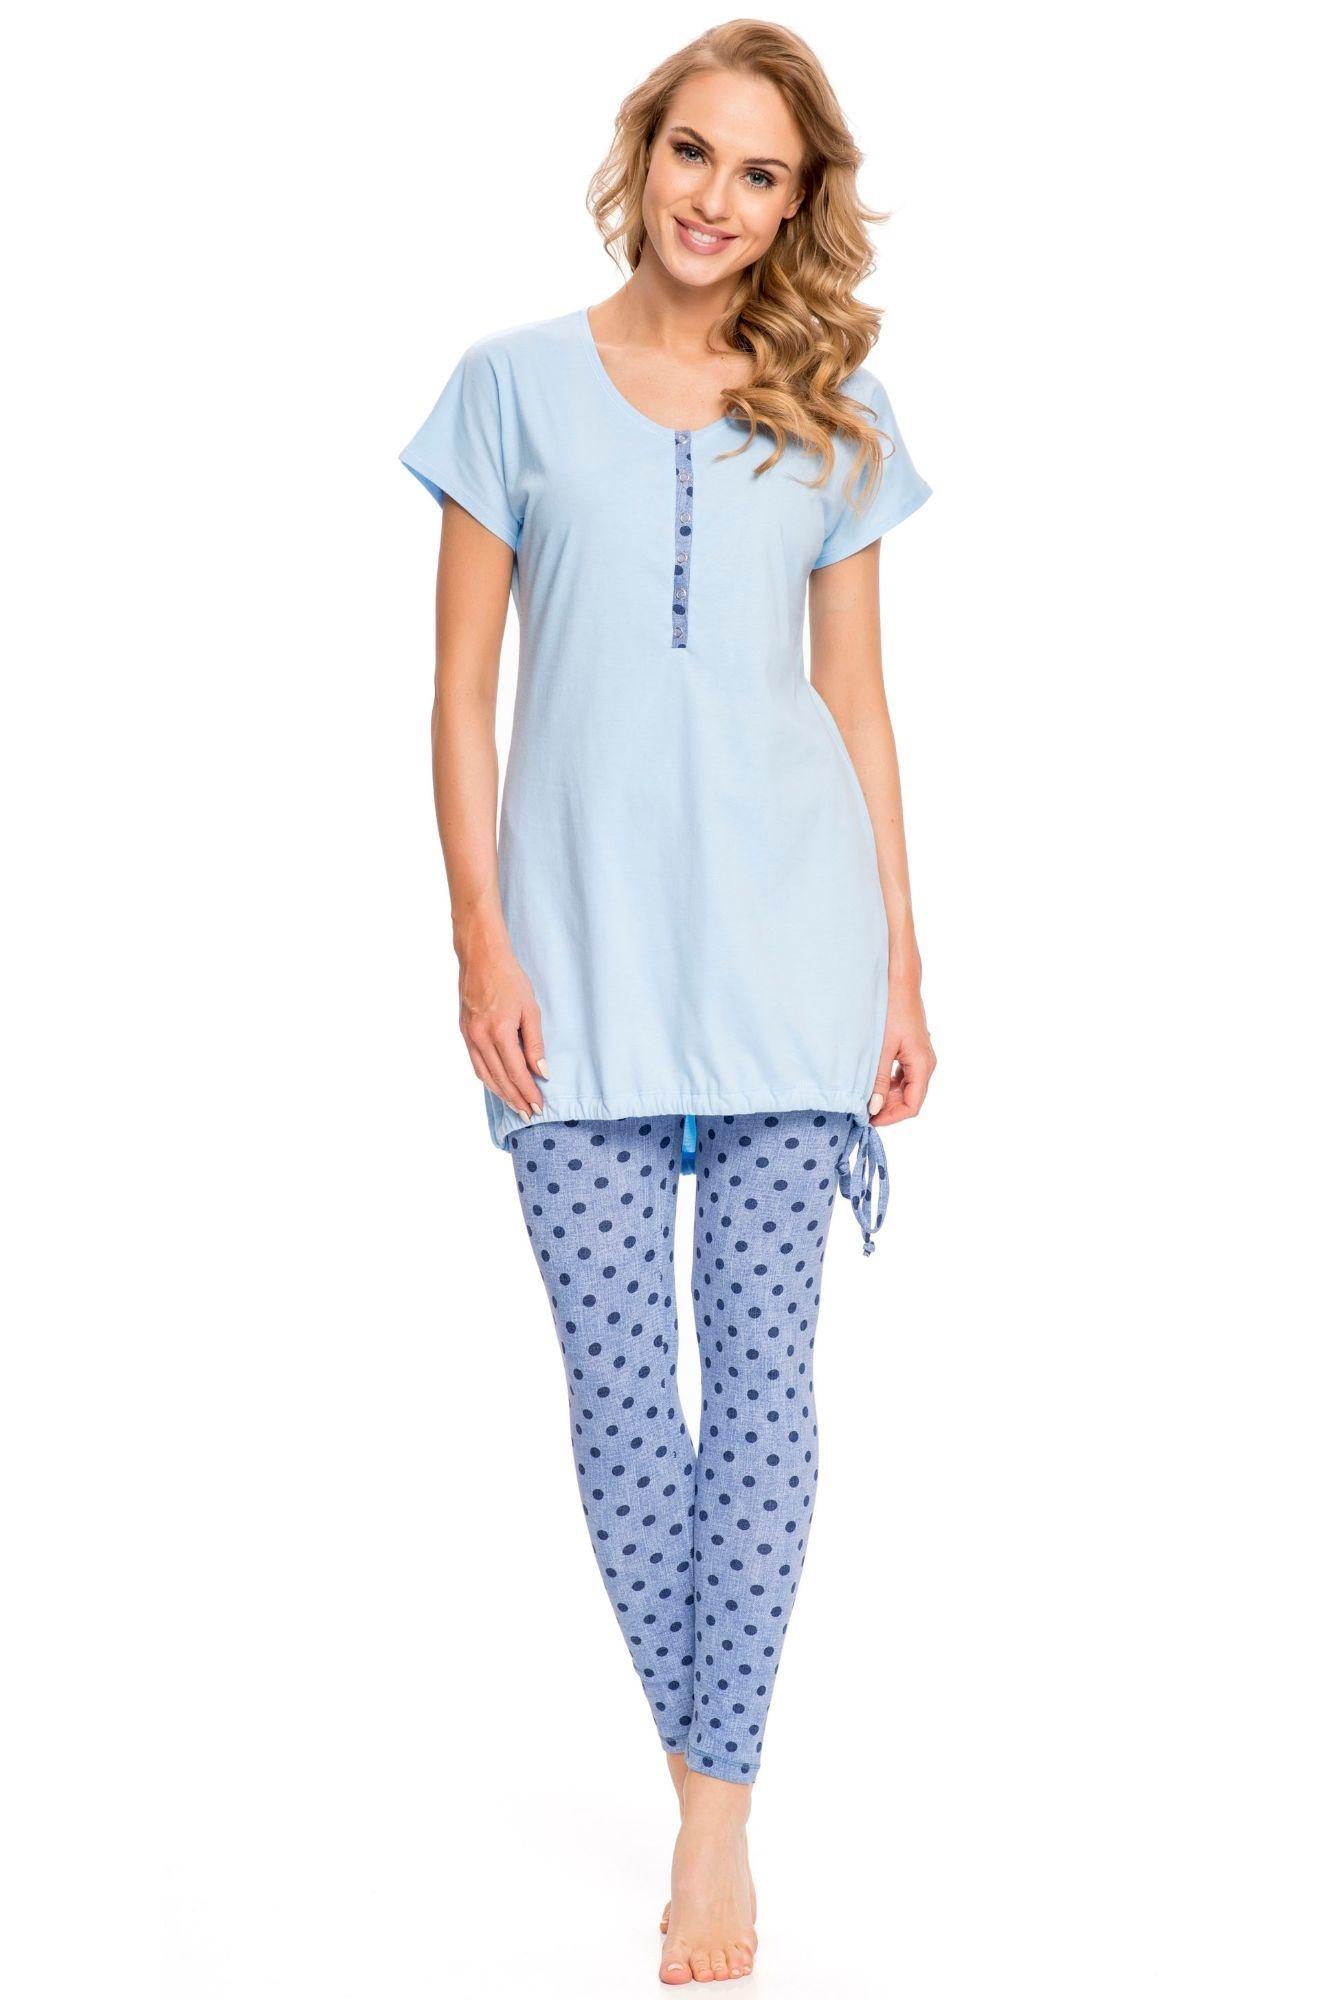 66ef6b2612ea Dojčiace pyžamo Arana modré - ELEGANT.sk